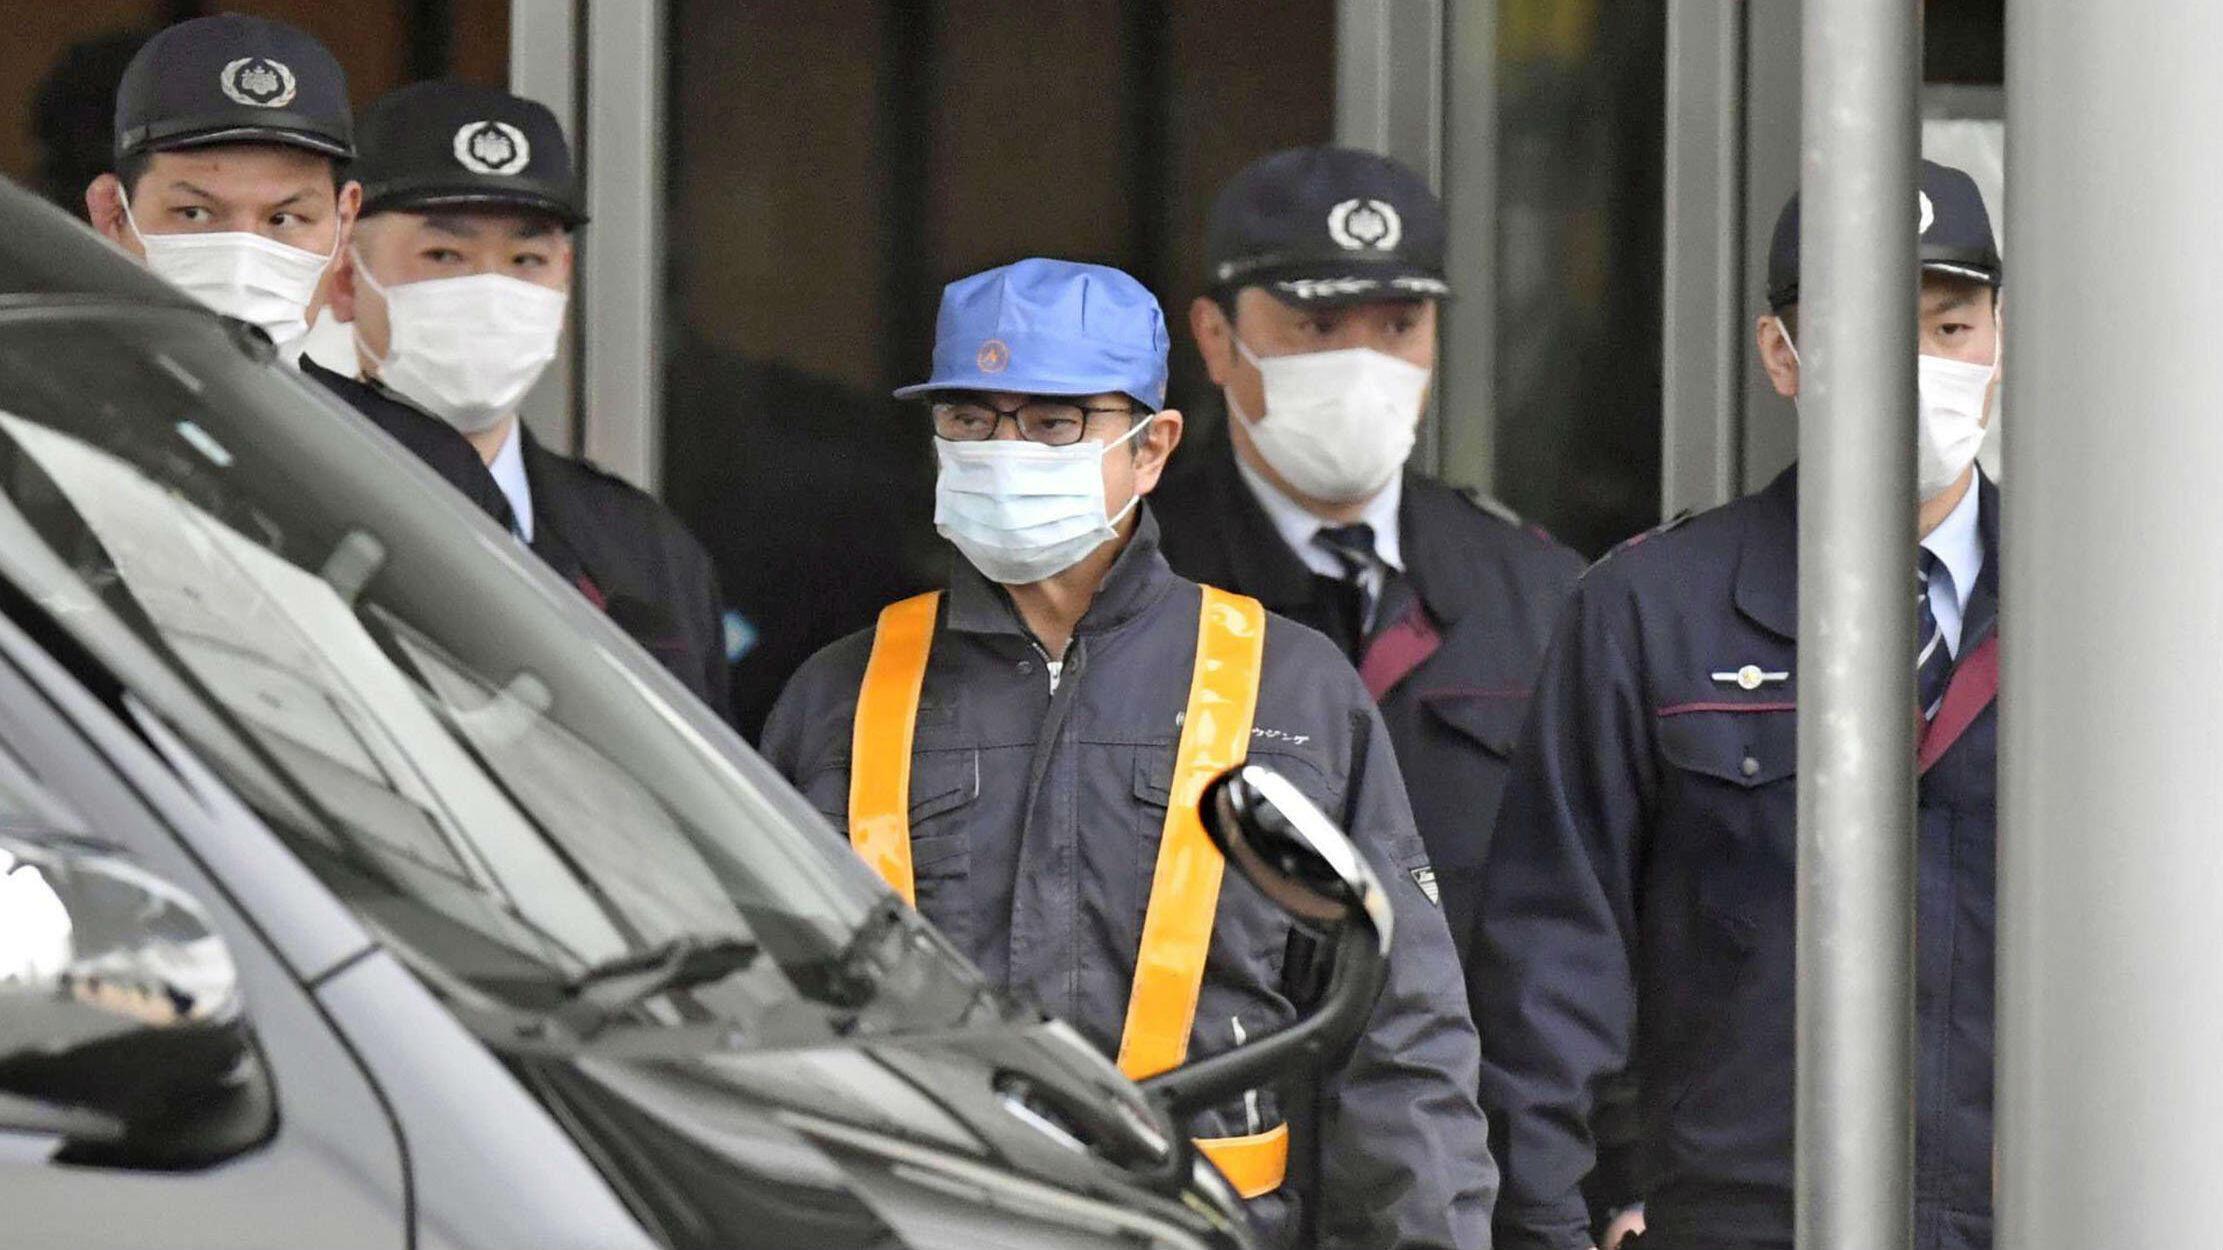 El expresidente de Nissan Motor, Carlos Ghosn, abandona el centro de detención luego de que fuera dejado en libertad bajo fianza en Tokio, Japón, el 6 de marzo de 2019.